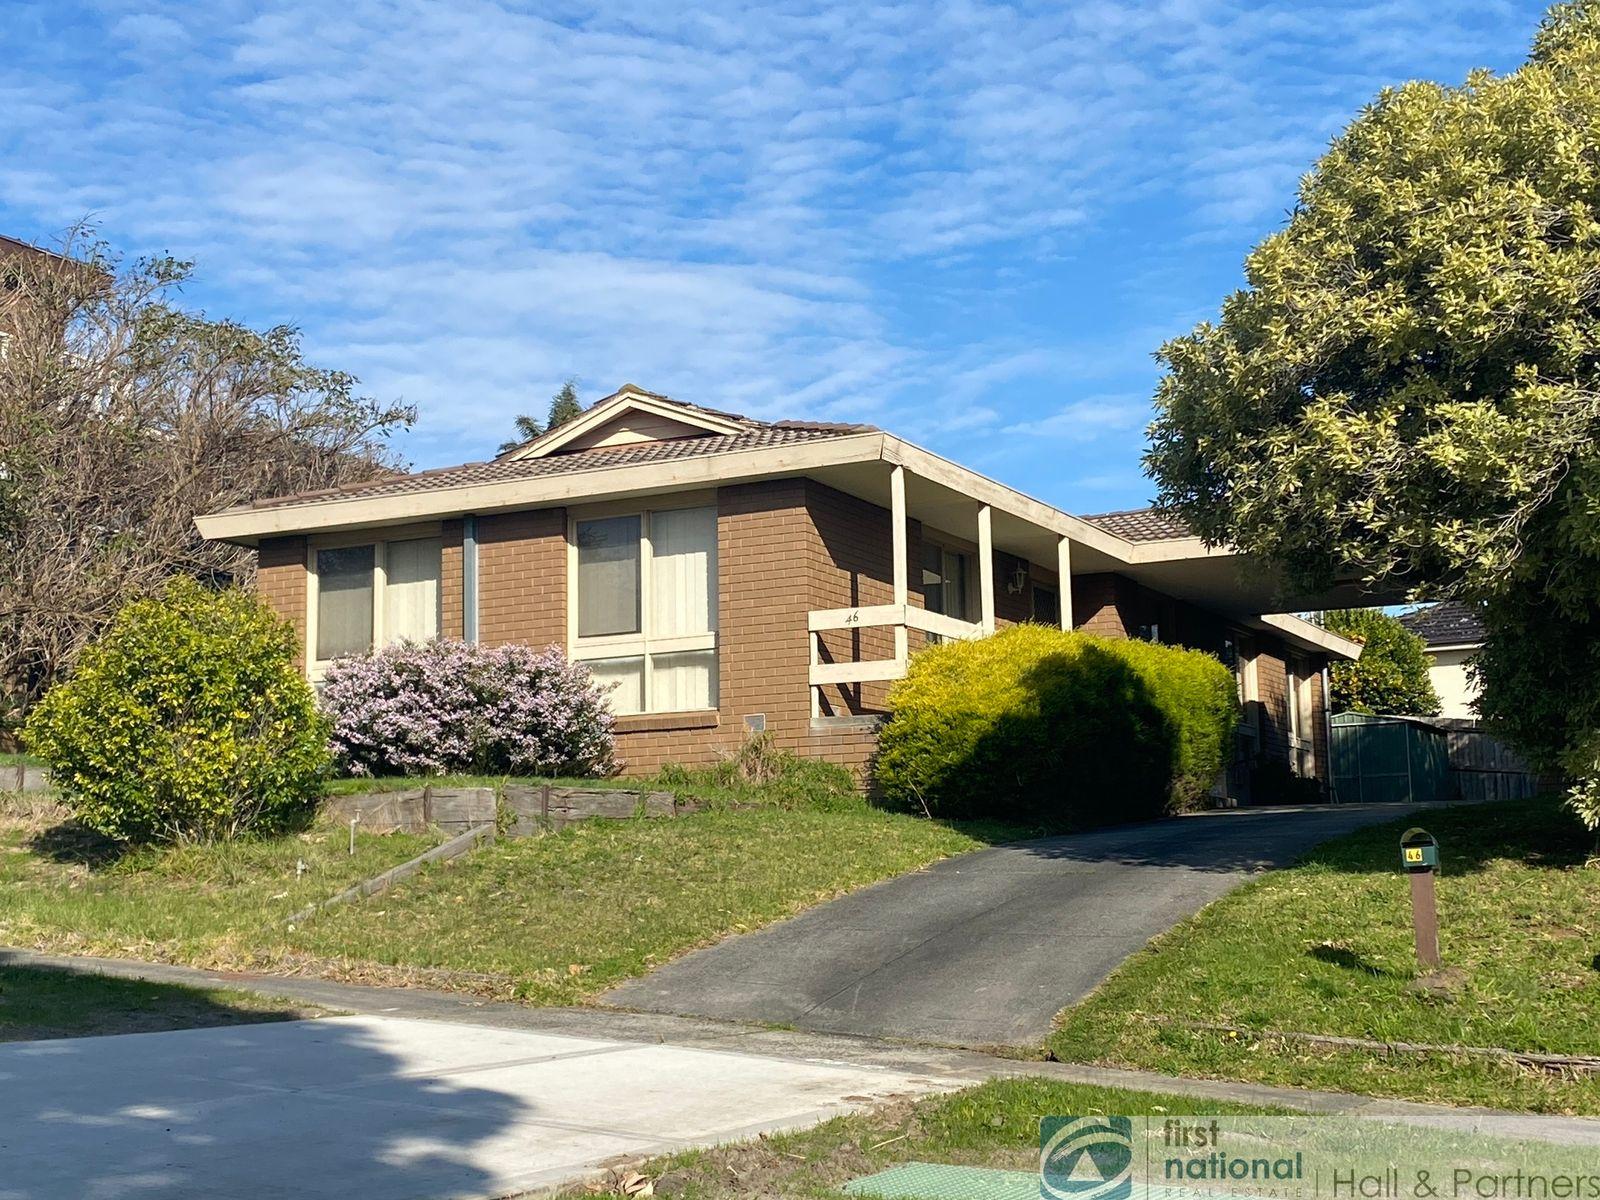 46 Joseph Banks Crescent, Endeavour Hills, VIC 3802